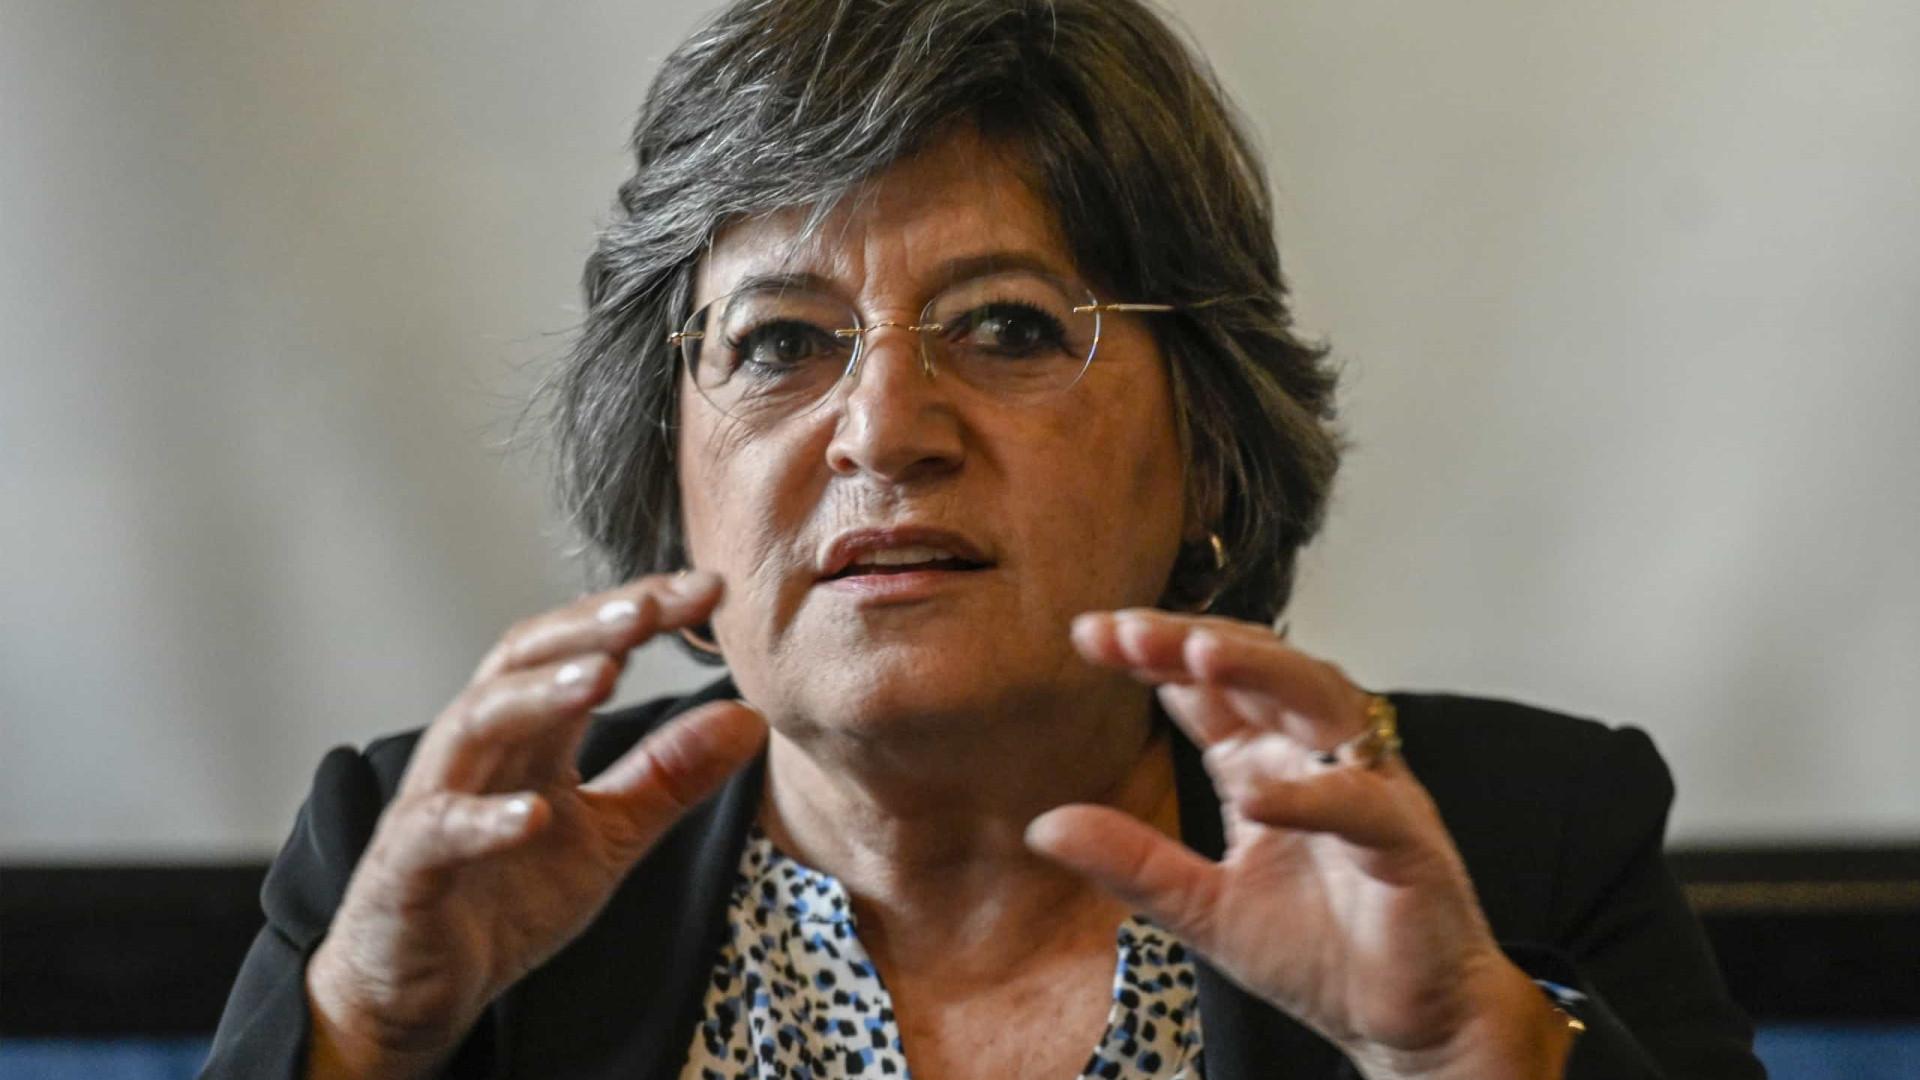 Presidenciais: Ana Gomes acusa Marcelo de se furtar ao debate